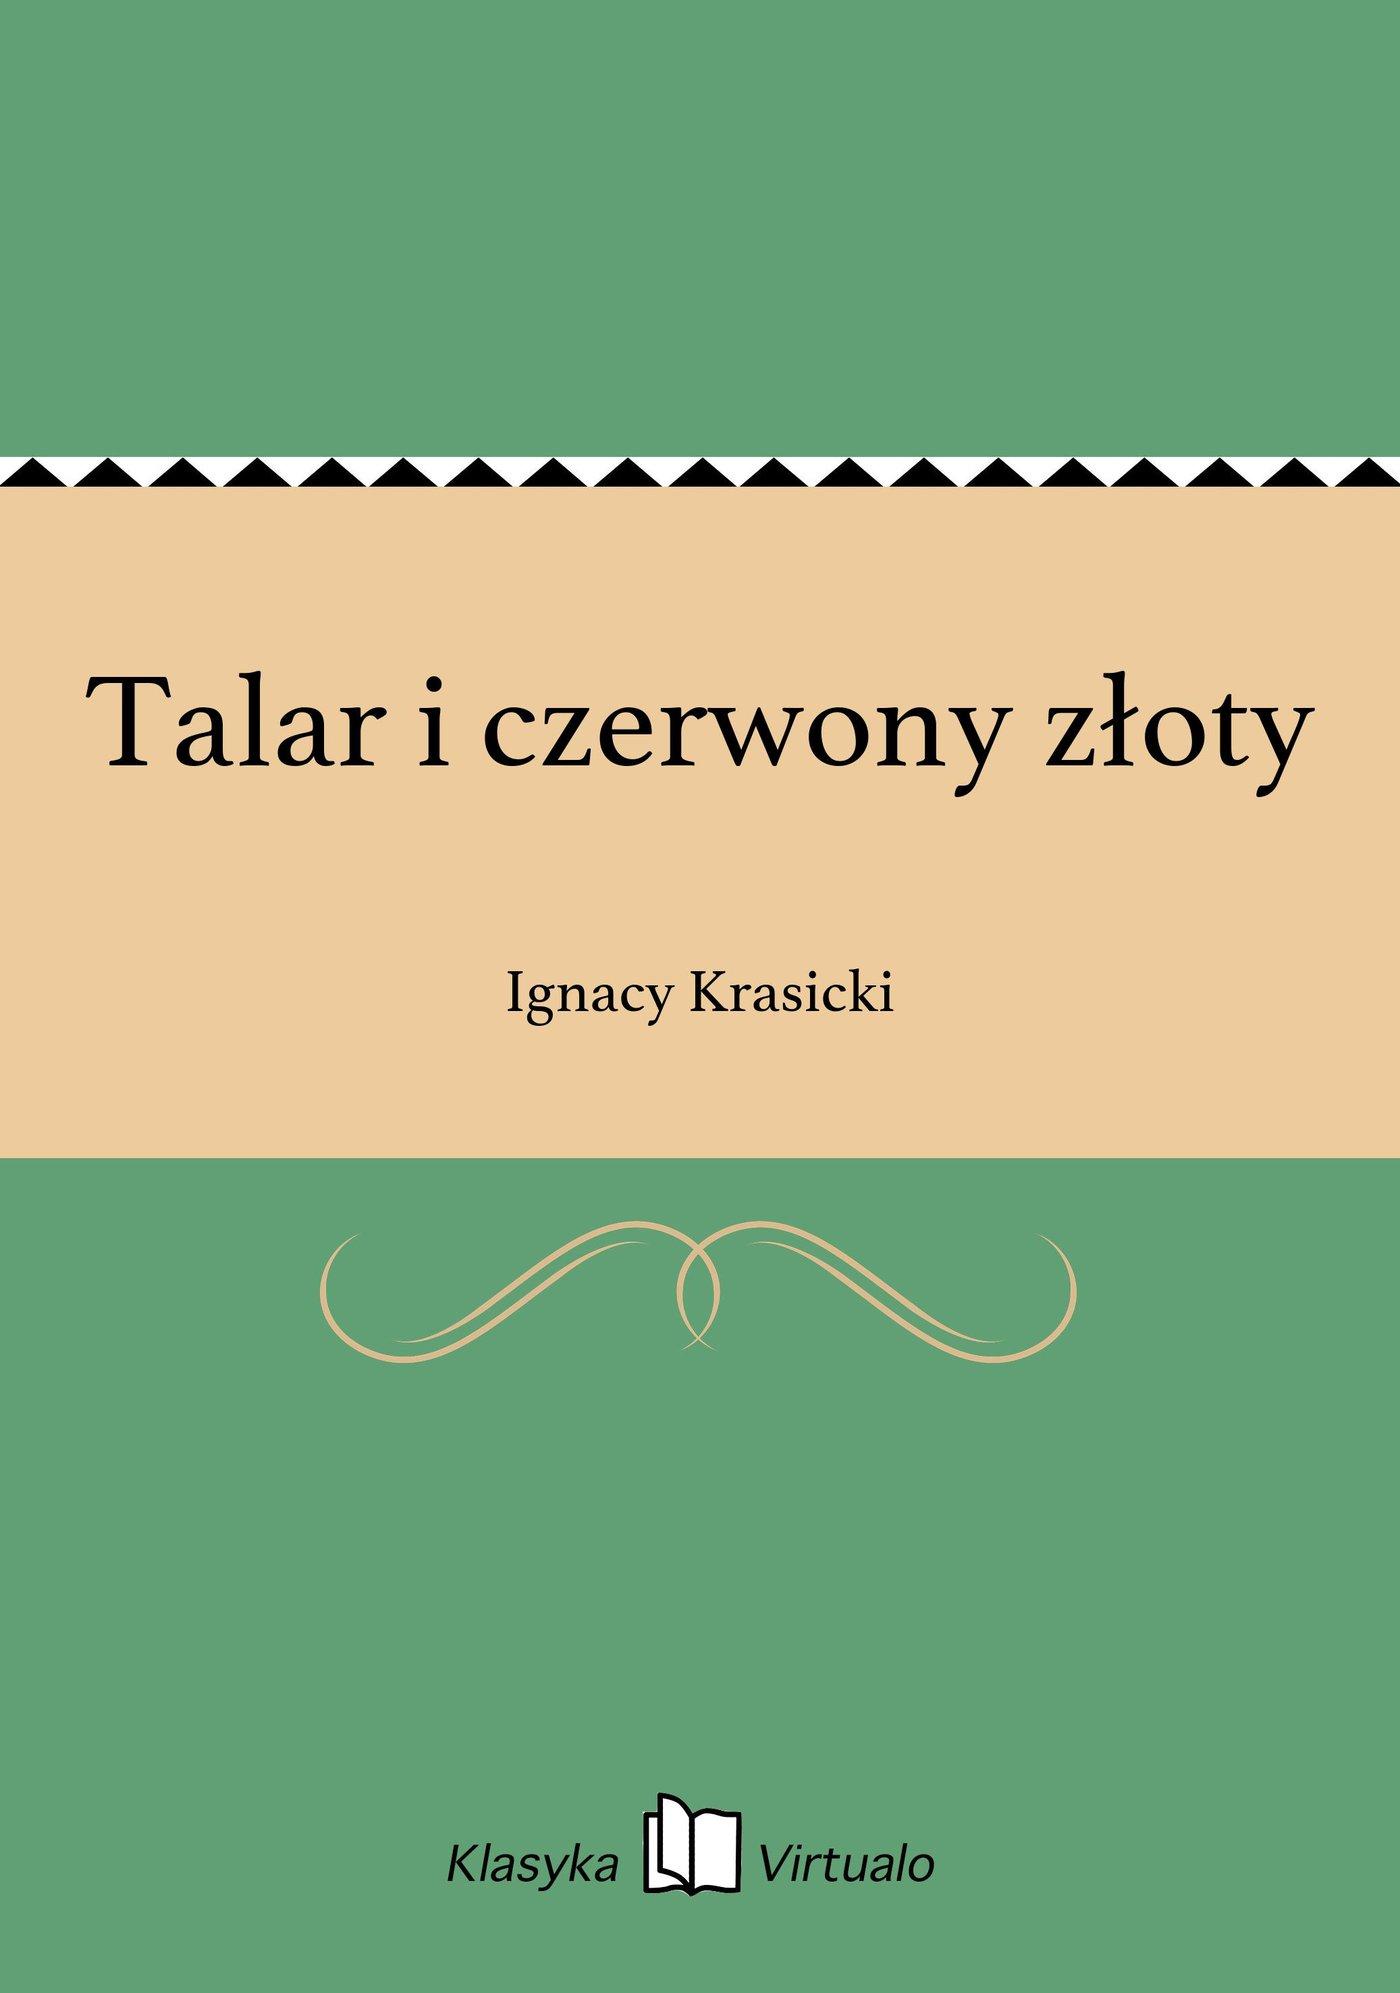 Talar i czerwony złoty - Ebook (Książka EPUB) do pobrania w formacie EPUB